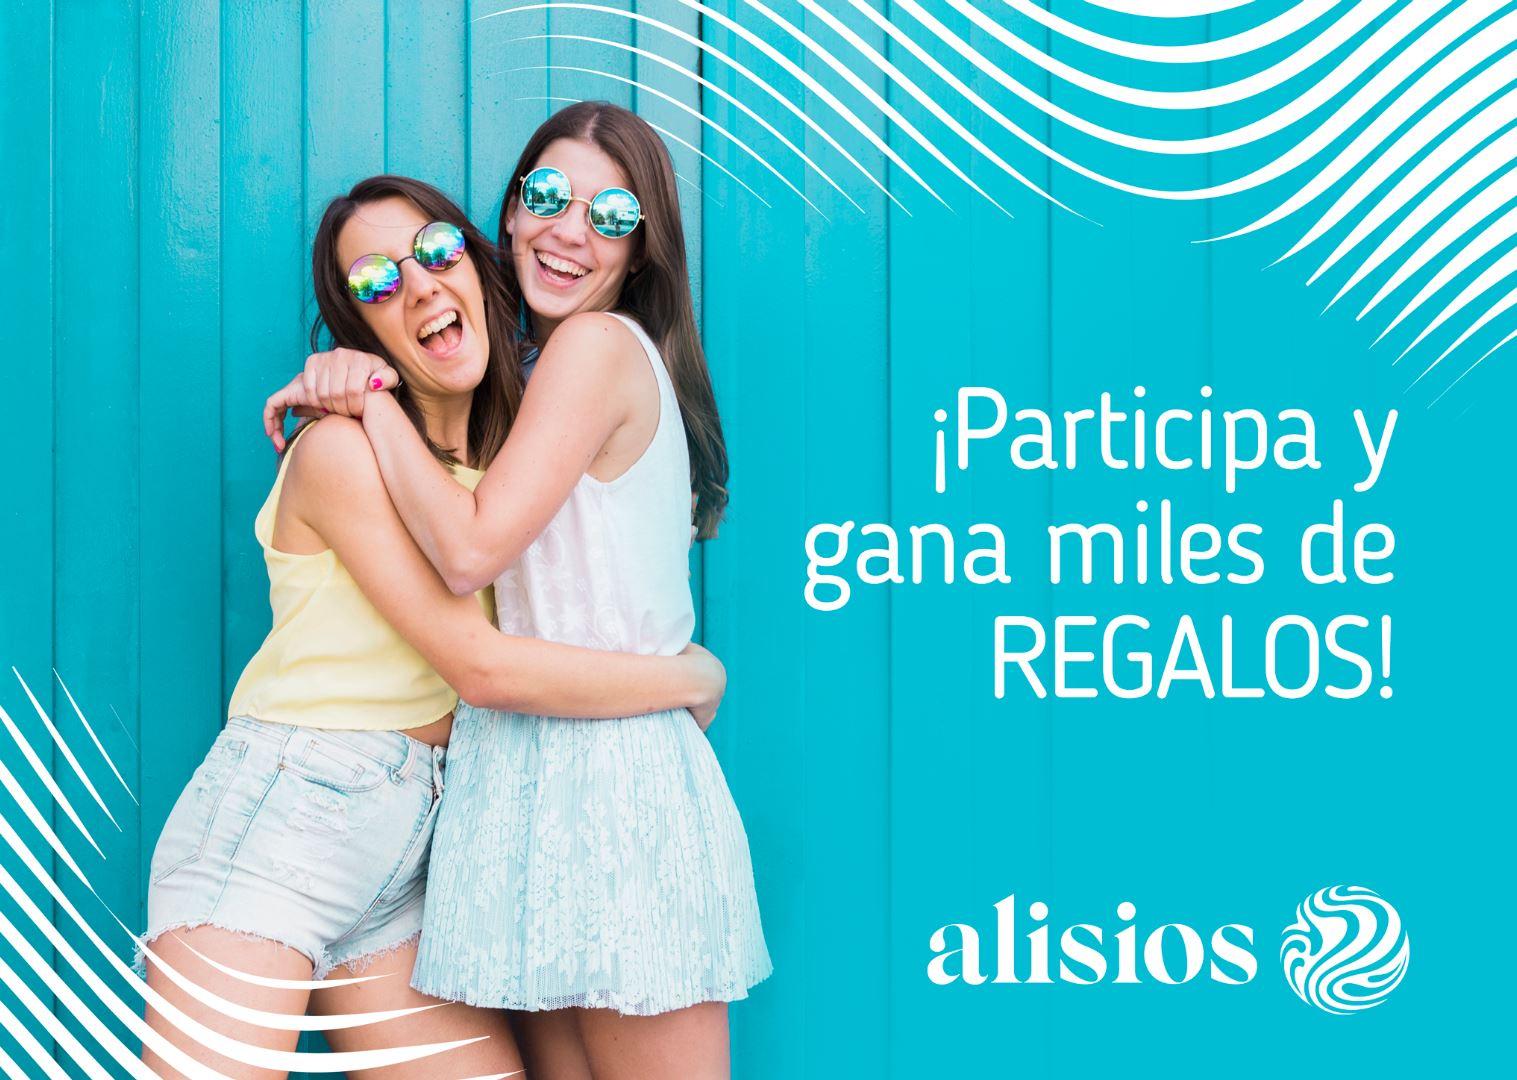 publicidad Alisios